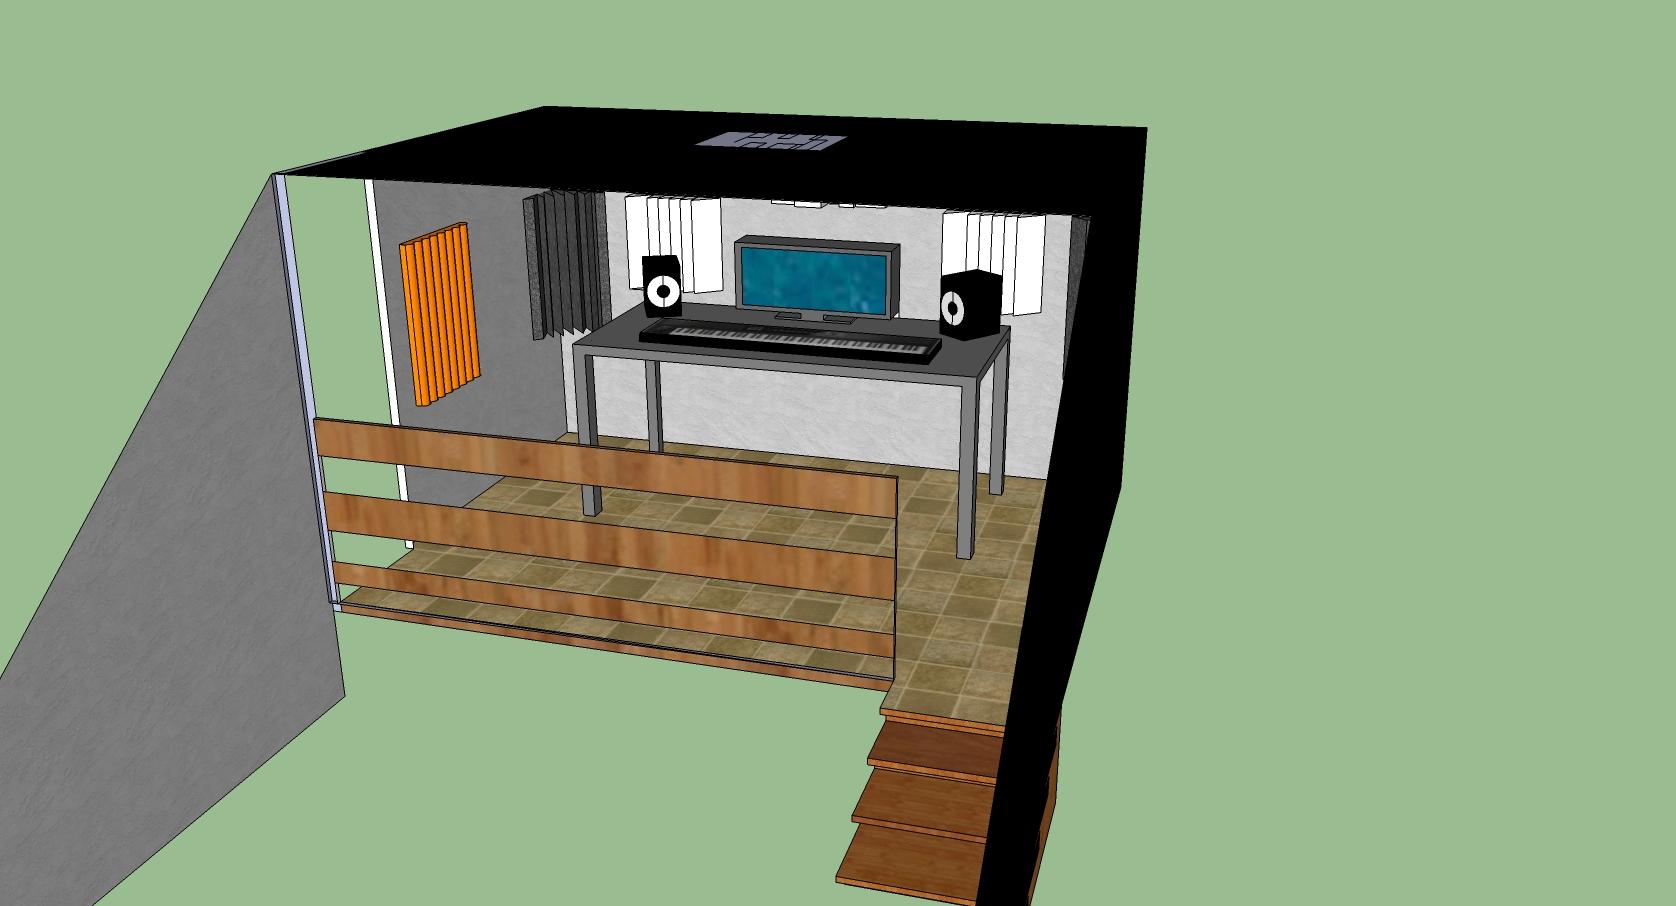 absorbeur de son trendy du panneau acoustique absorbant decosorber with absorbeur de son. Black Bedroom Furniture Sets. Home Design Ideas